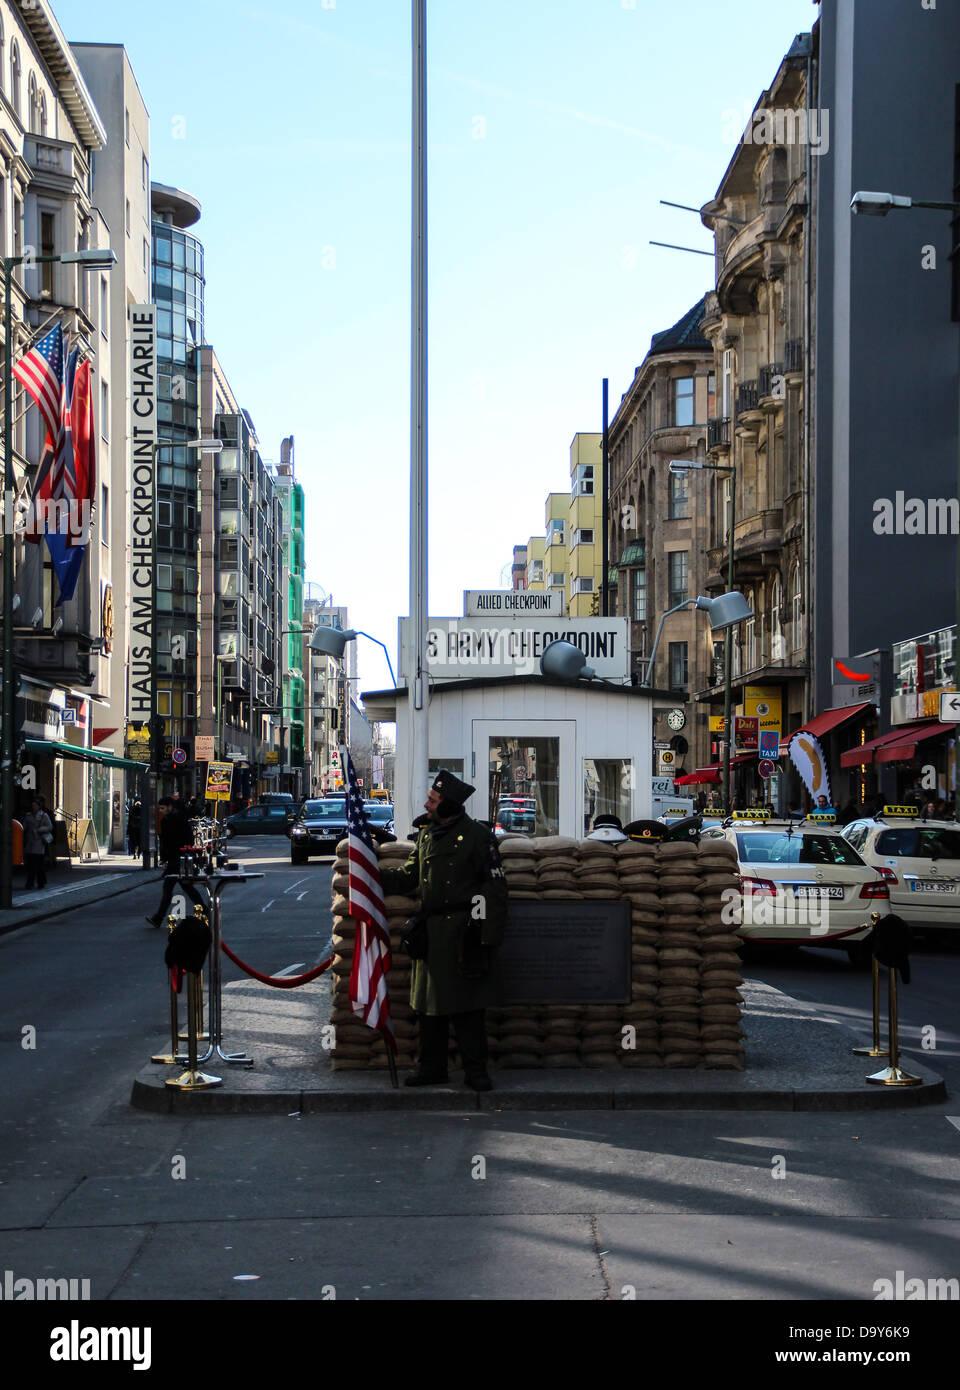 Vista de Checkpoint Charlie, pasando por el muro de Berlín, el muro que separaba Berlín occidental (EE.UU) Imagen De Stock